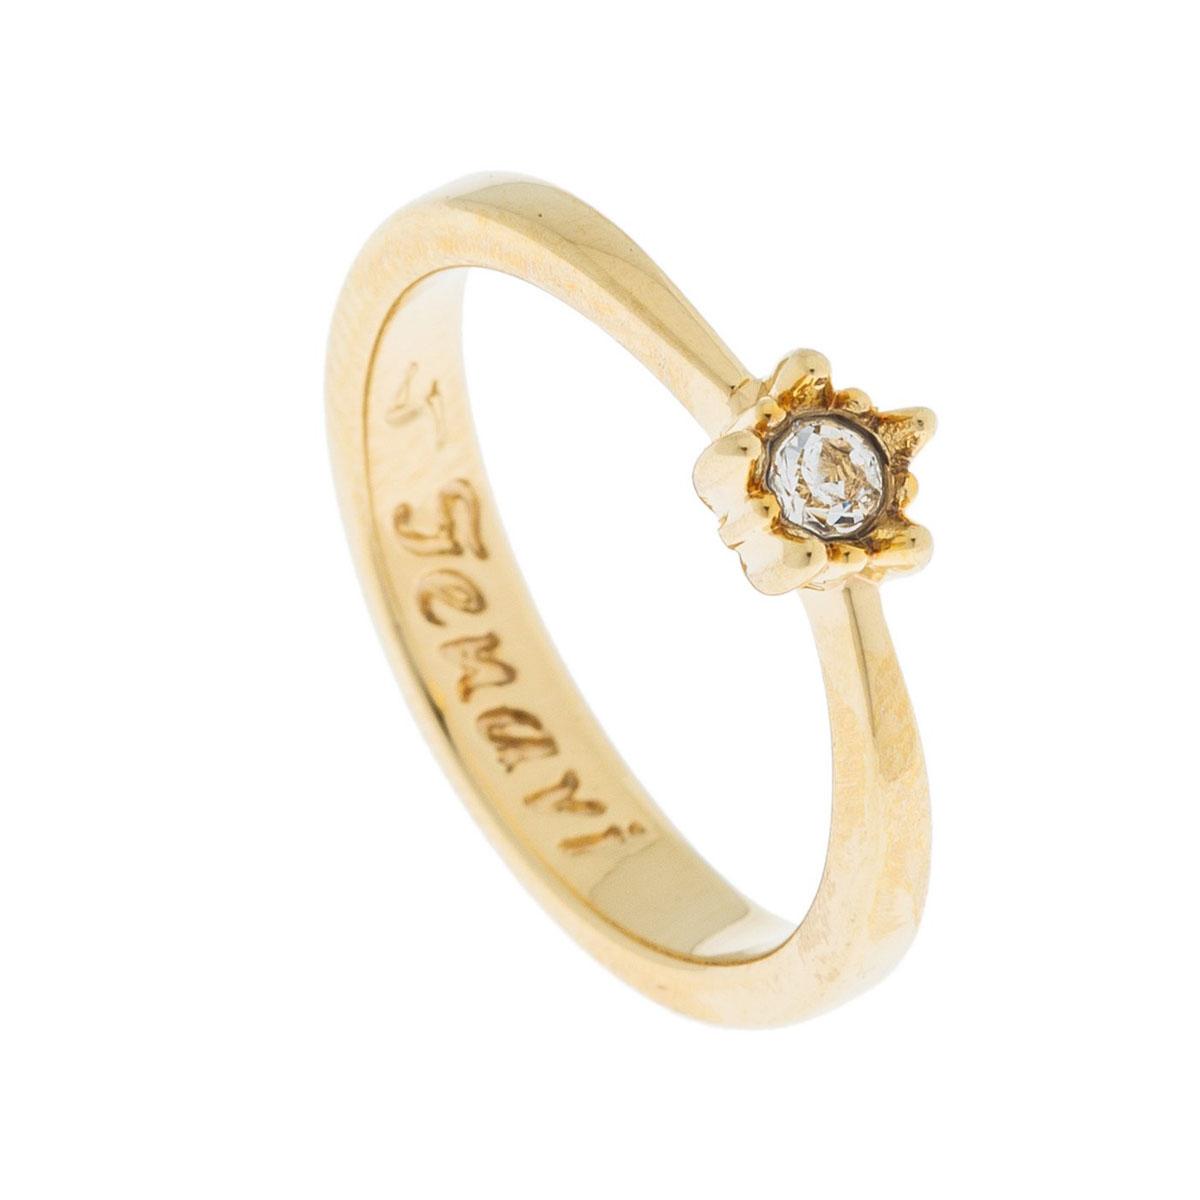 Кольцо Jenavi Эва, цвет: золотой, белый. k498p000. Размер 17k498p000Коллекция Э, Эва (Кольцо) гипоаллергенный ювелирный сплав,Позолота, вставка Кристаллы Swarovski